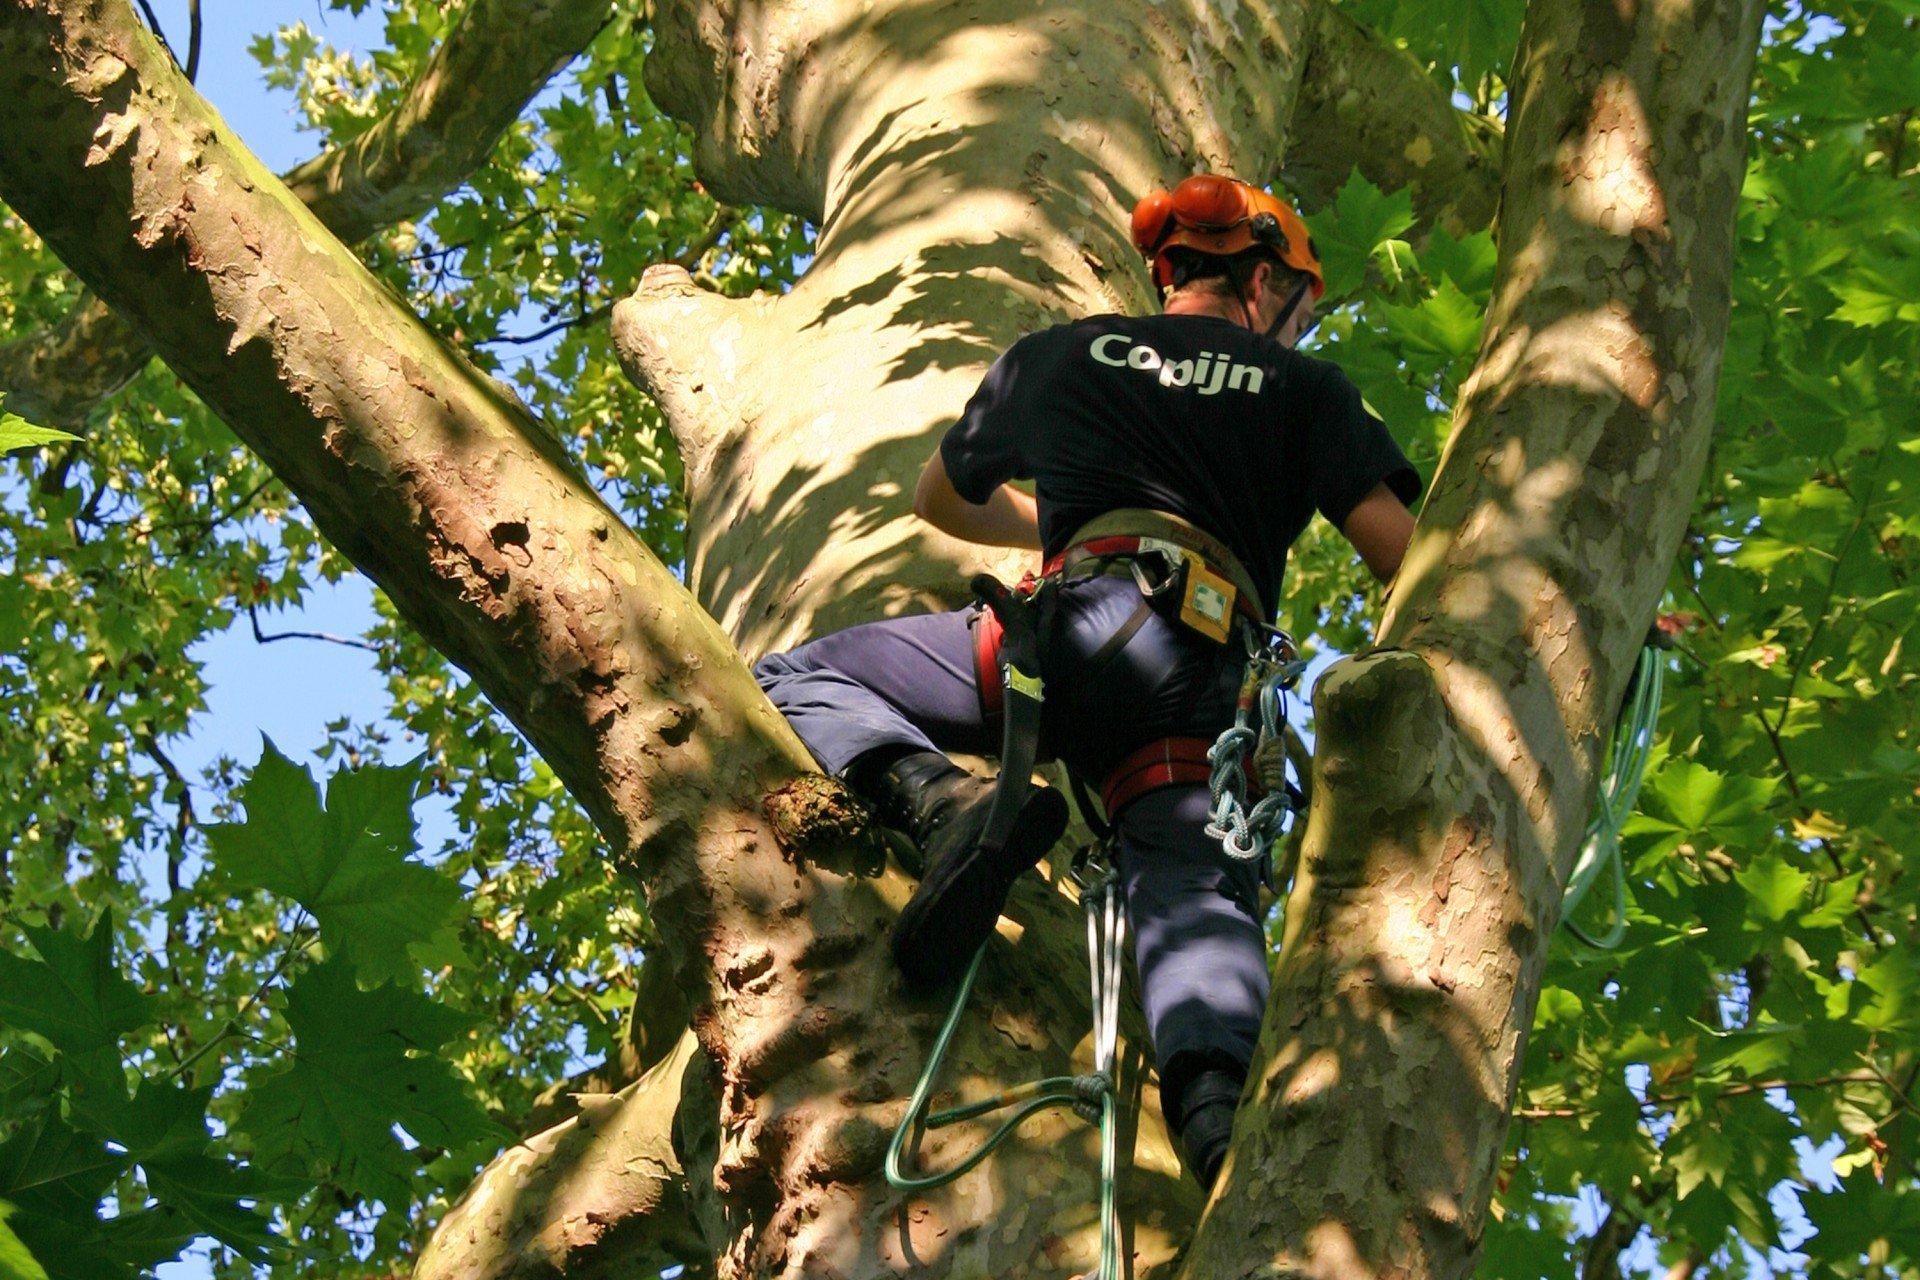 Onze Copijn Boomspecialisten bestaat uit ETW opgeleide boomverzorgers die veel ervaring hebben met het aanplanten, verplanten en snoeien van bomen.